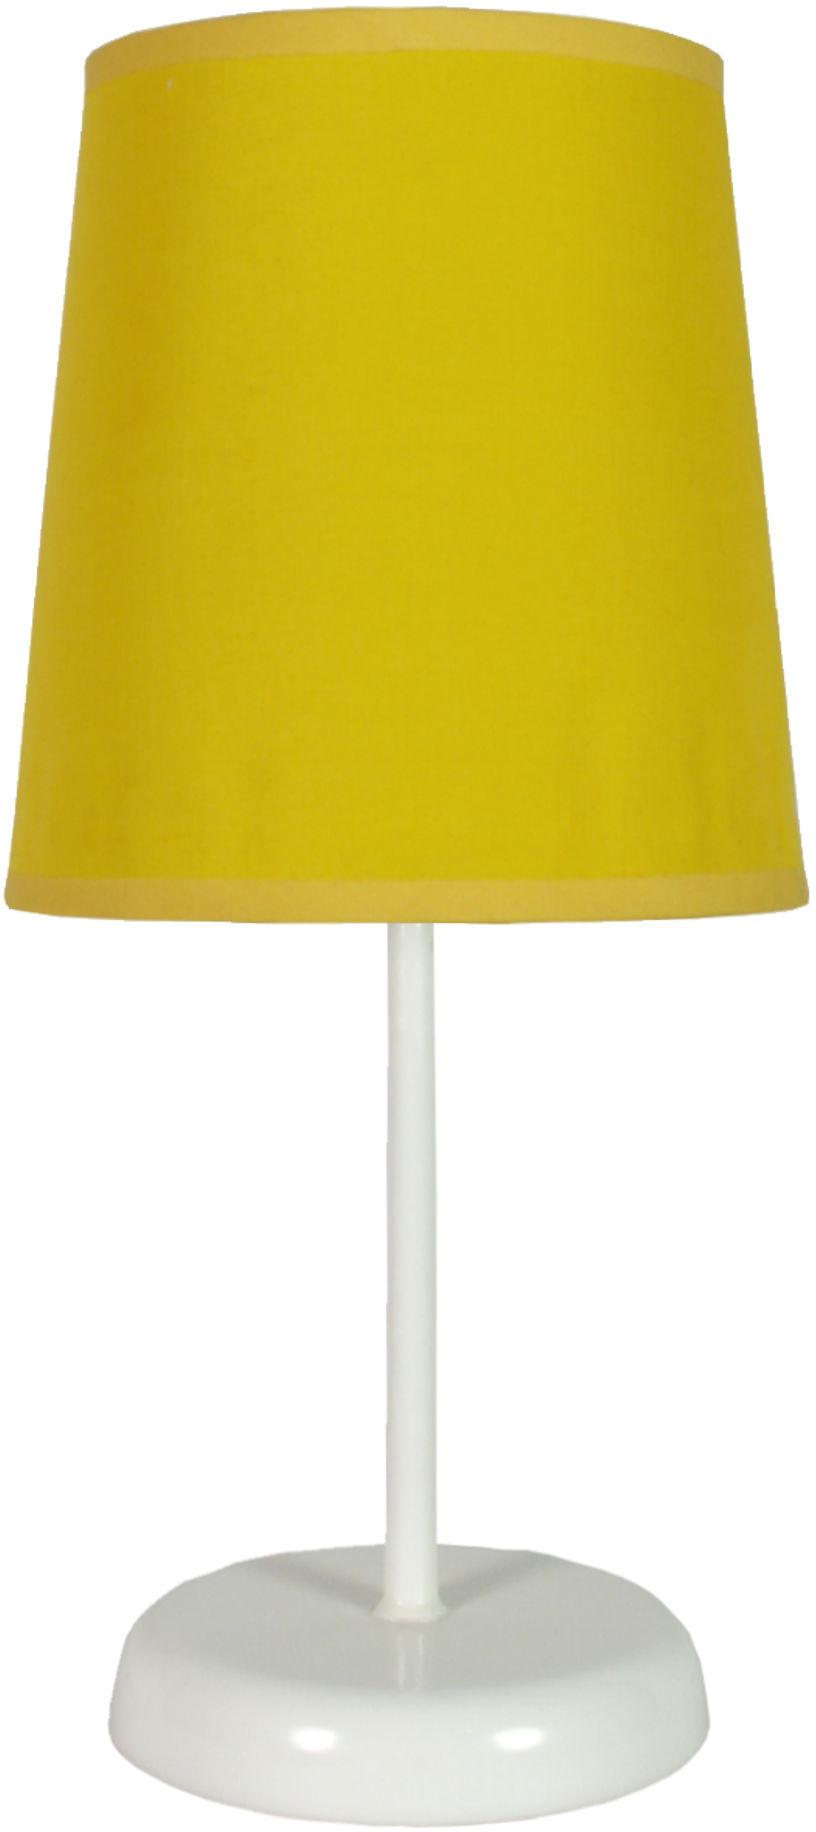 Candellux GALA 41-98552 lampa stołowa abażur żółty 1X40W E14 14 cm